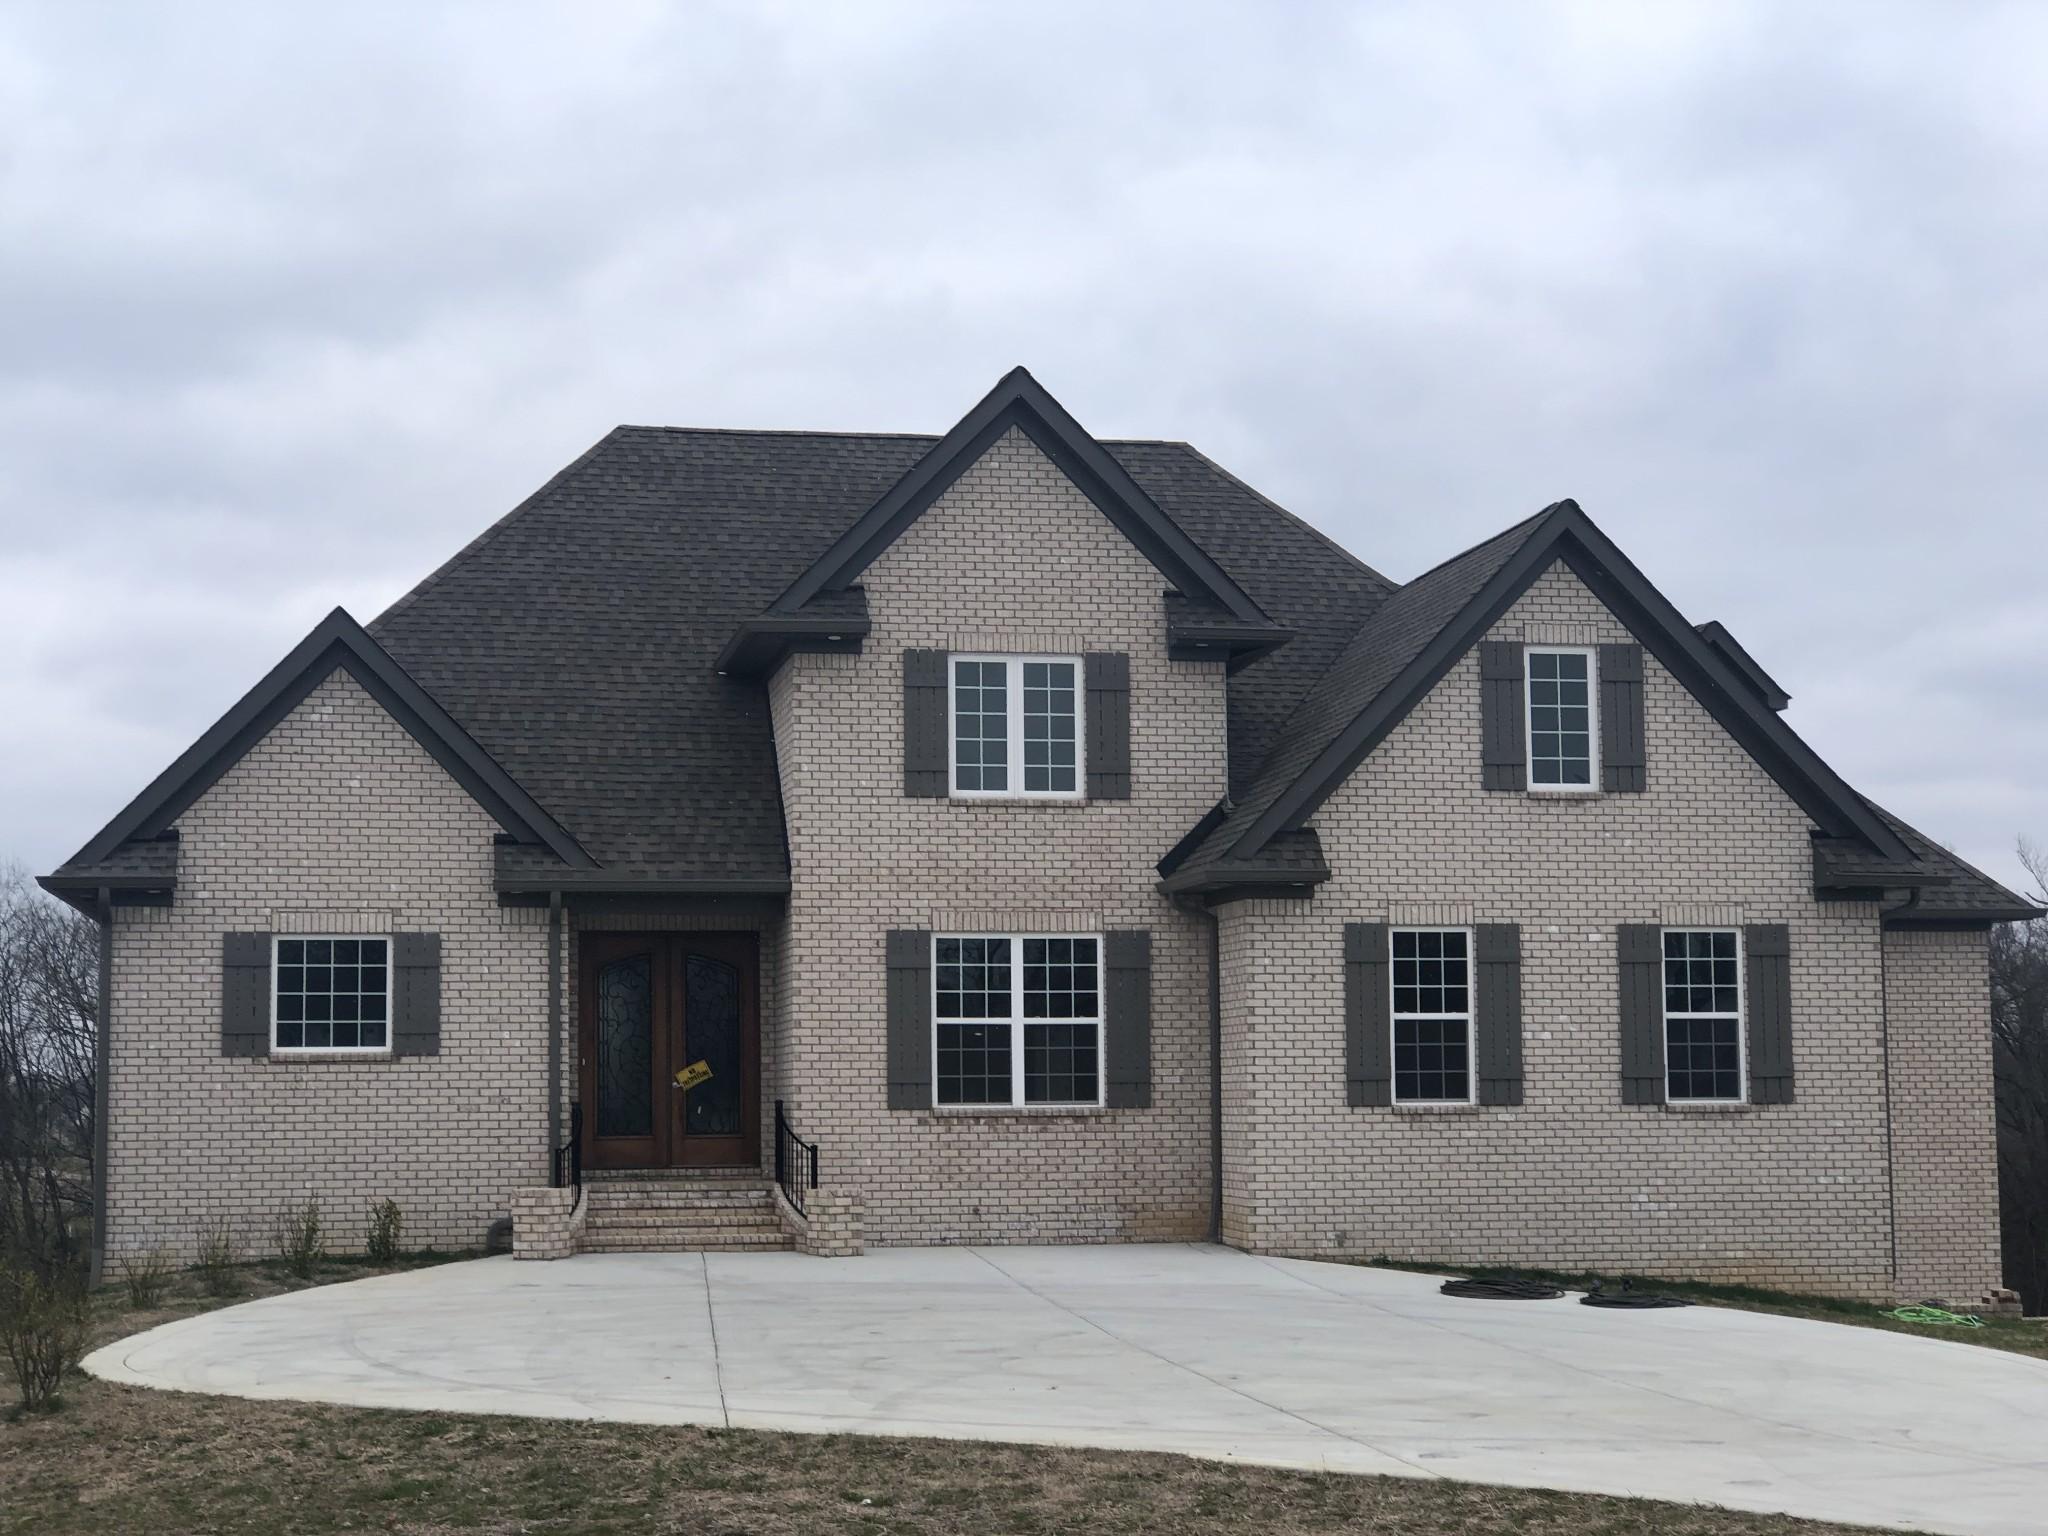 122 Riverwood Dr, Hendersonville, TN 37075 - Hendersonville, TN real estate listing